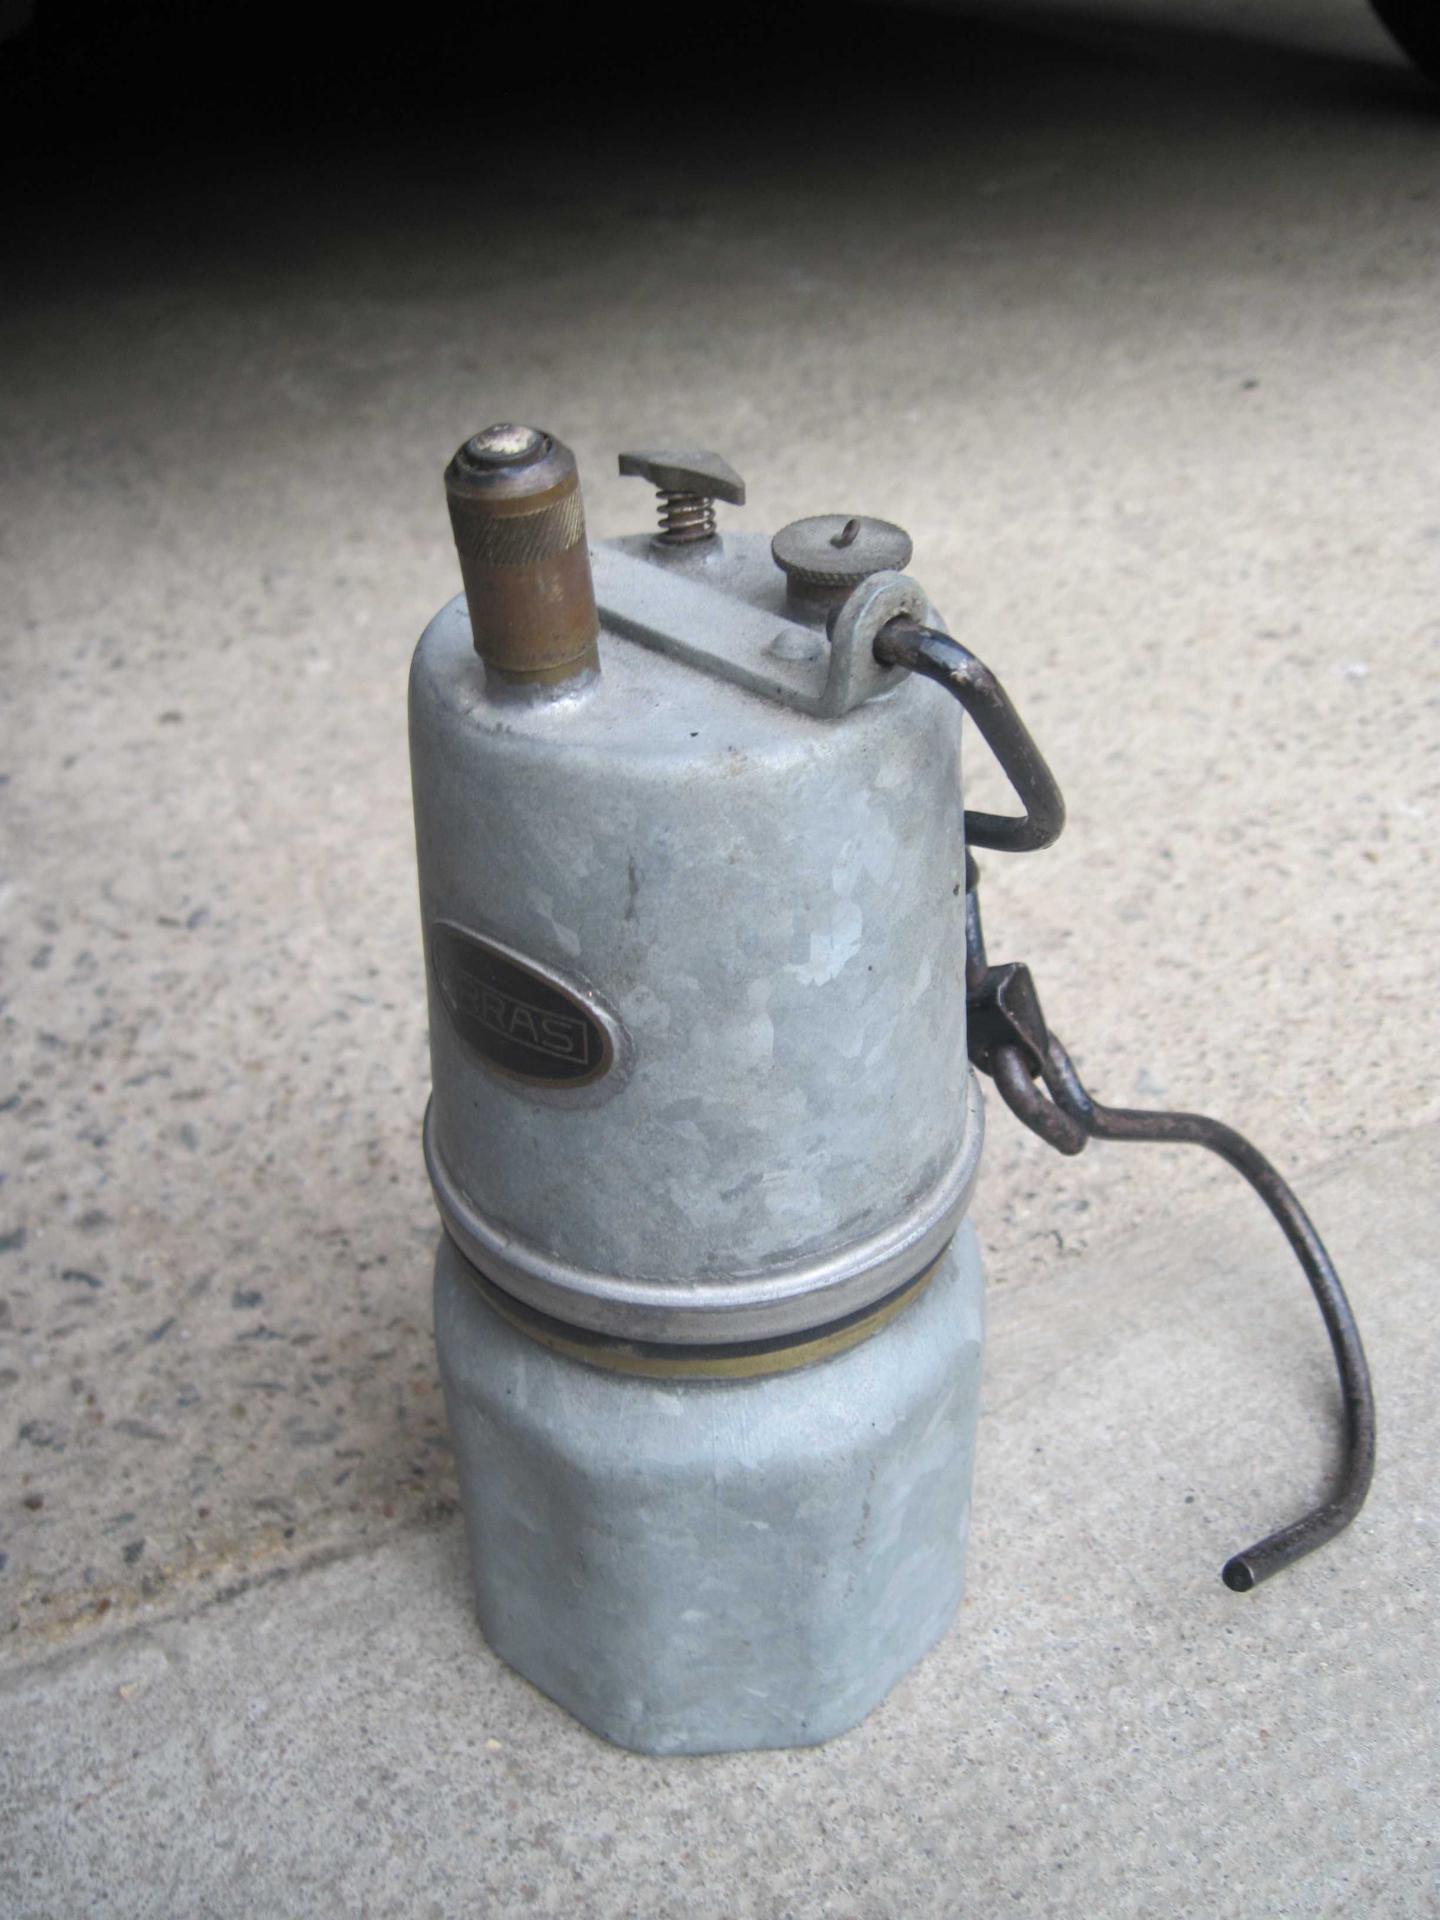 Lampe acetylene carbure